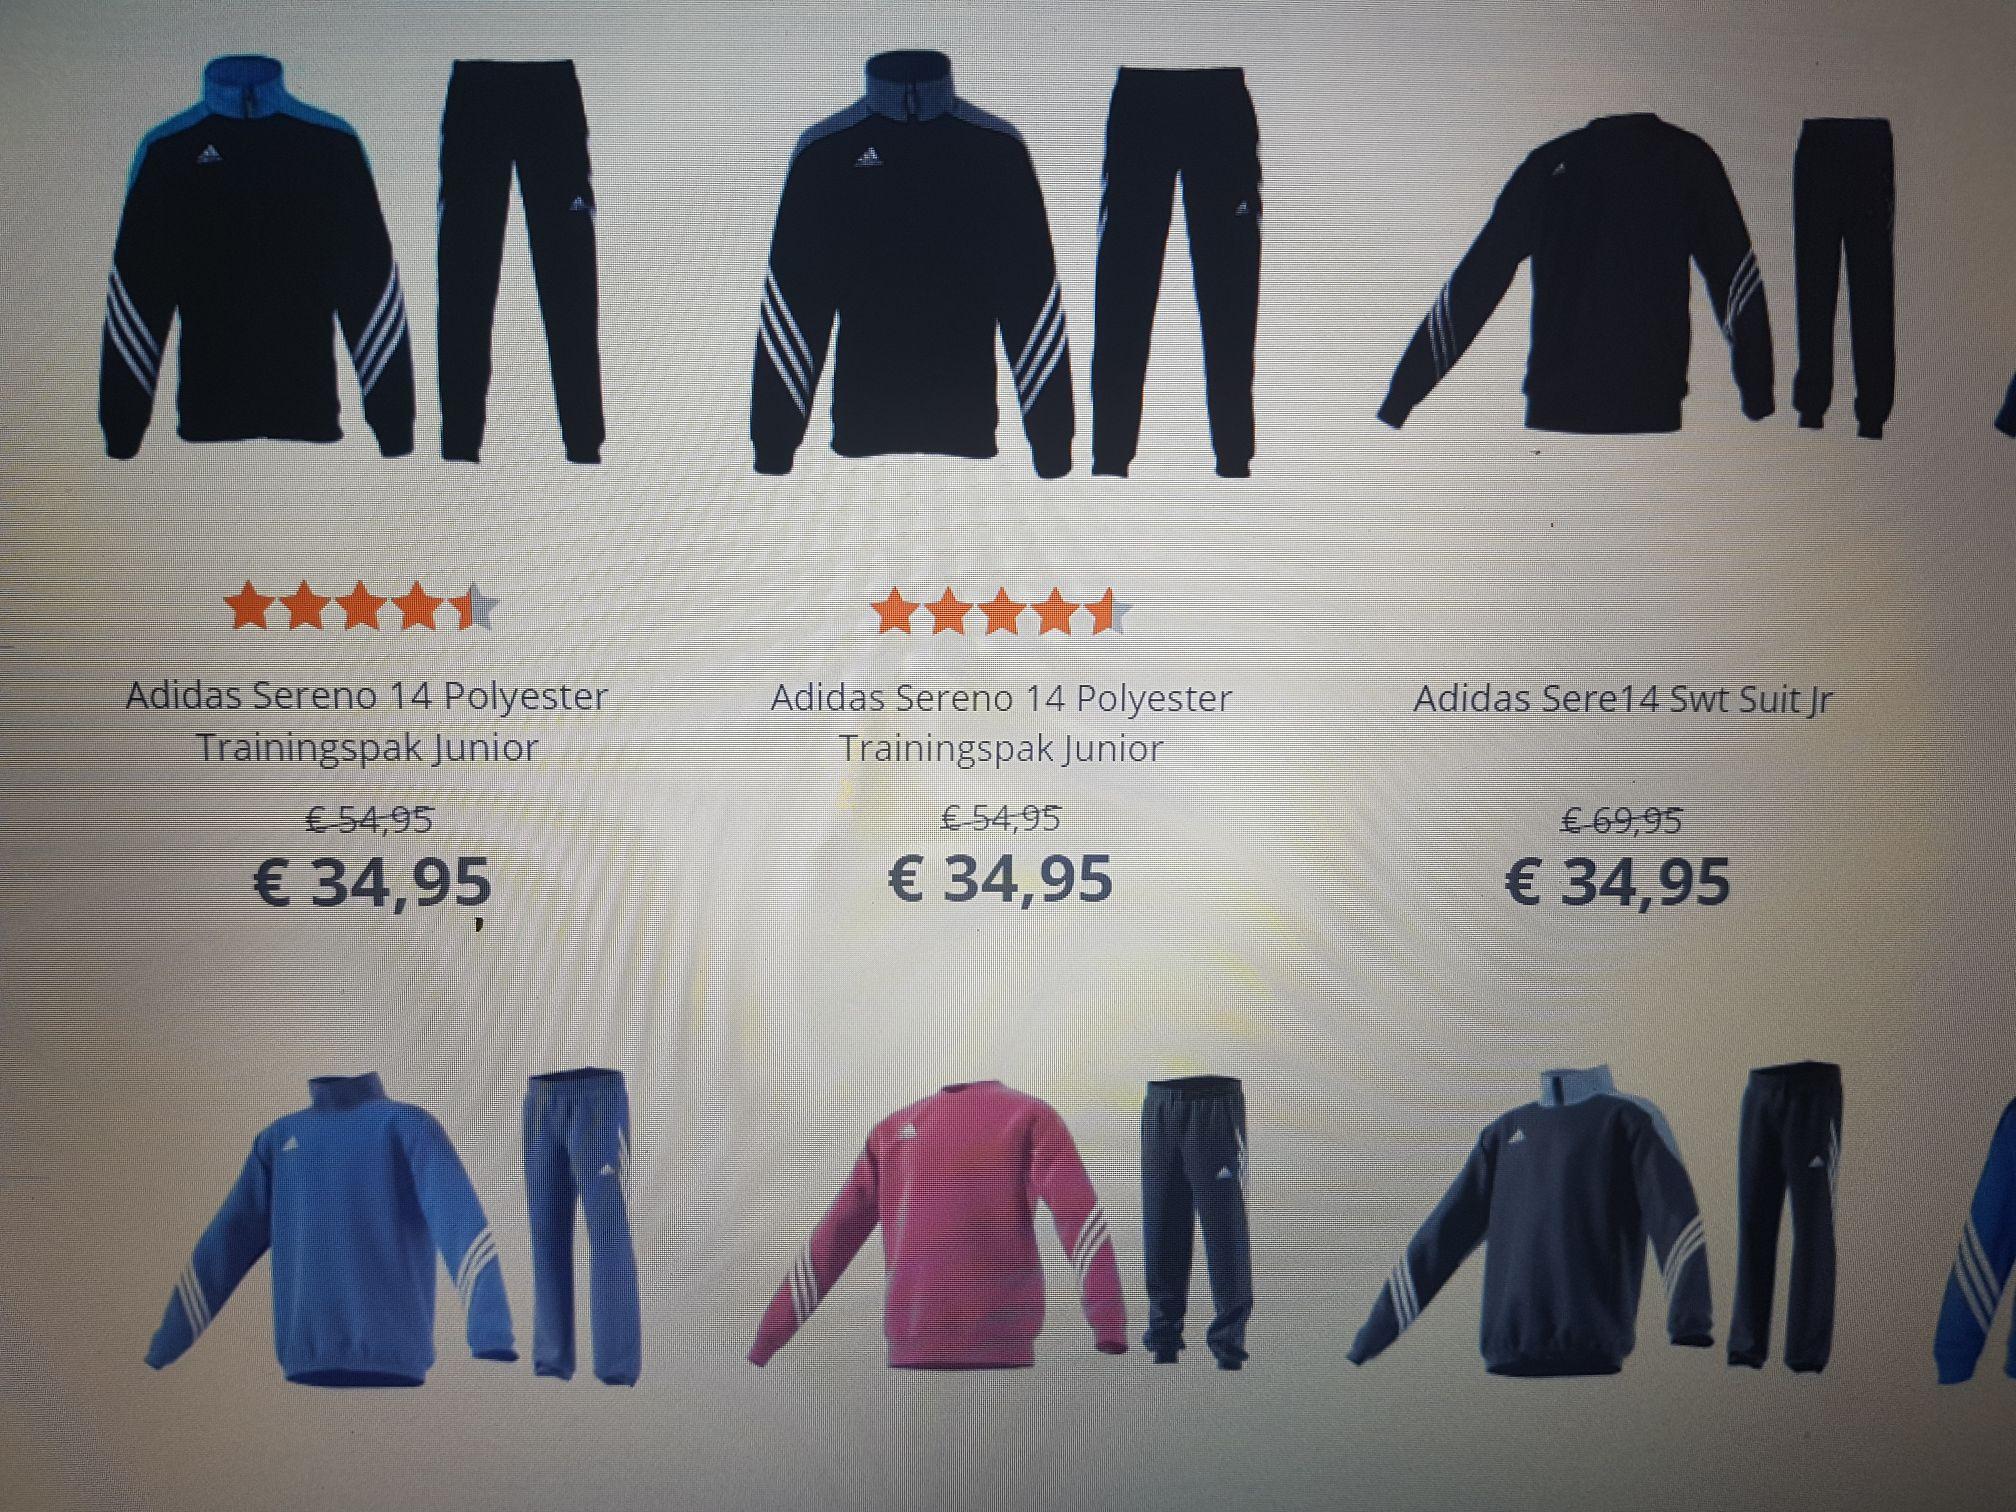 Tot € 35,- korting op o.a. (Adidas) Trainingspakken